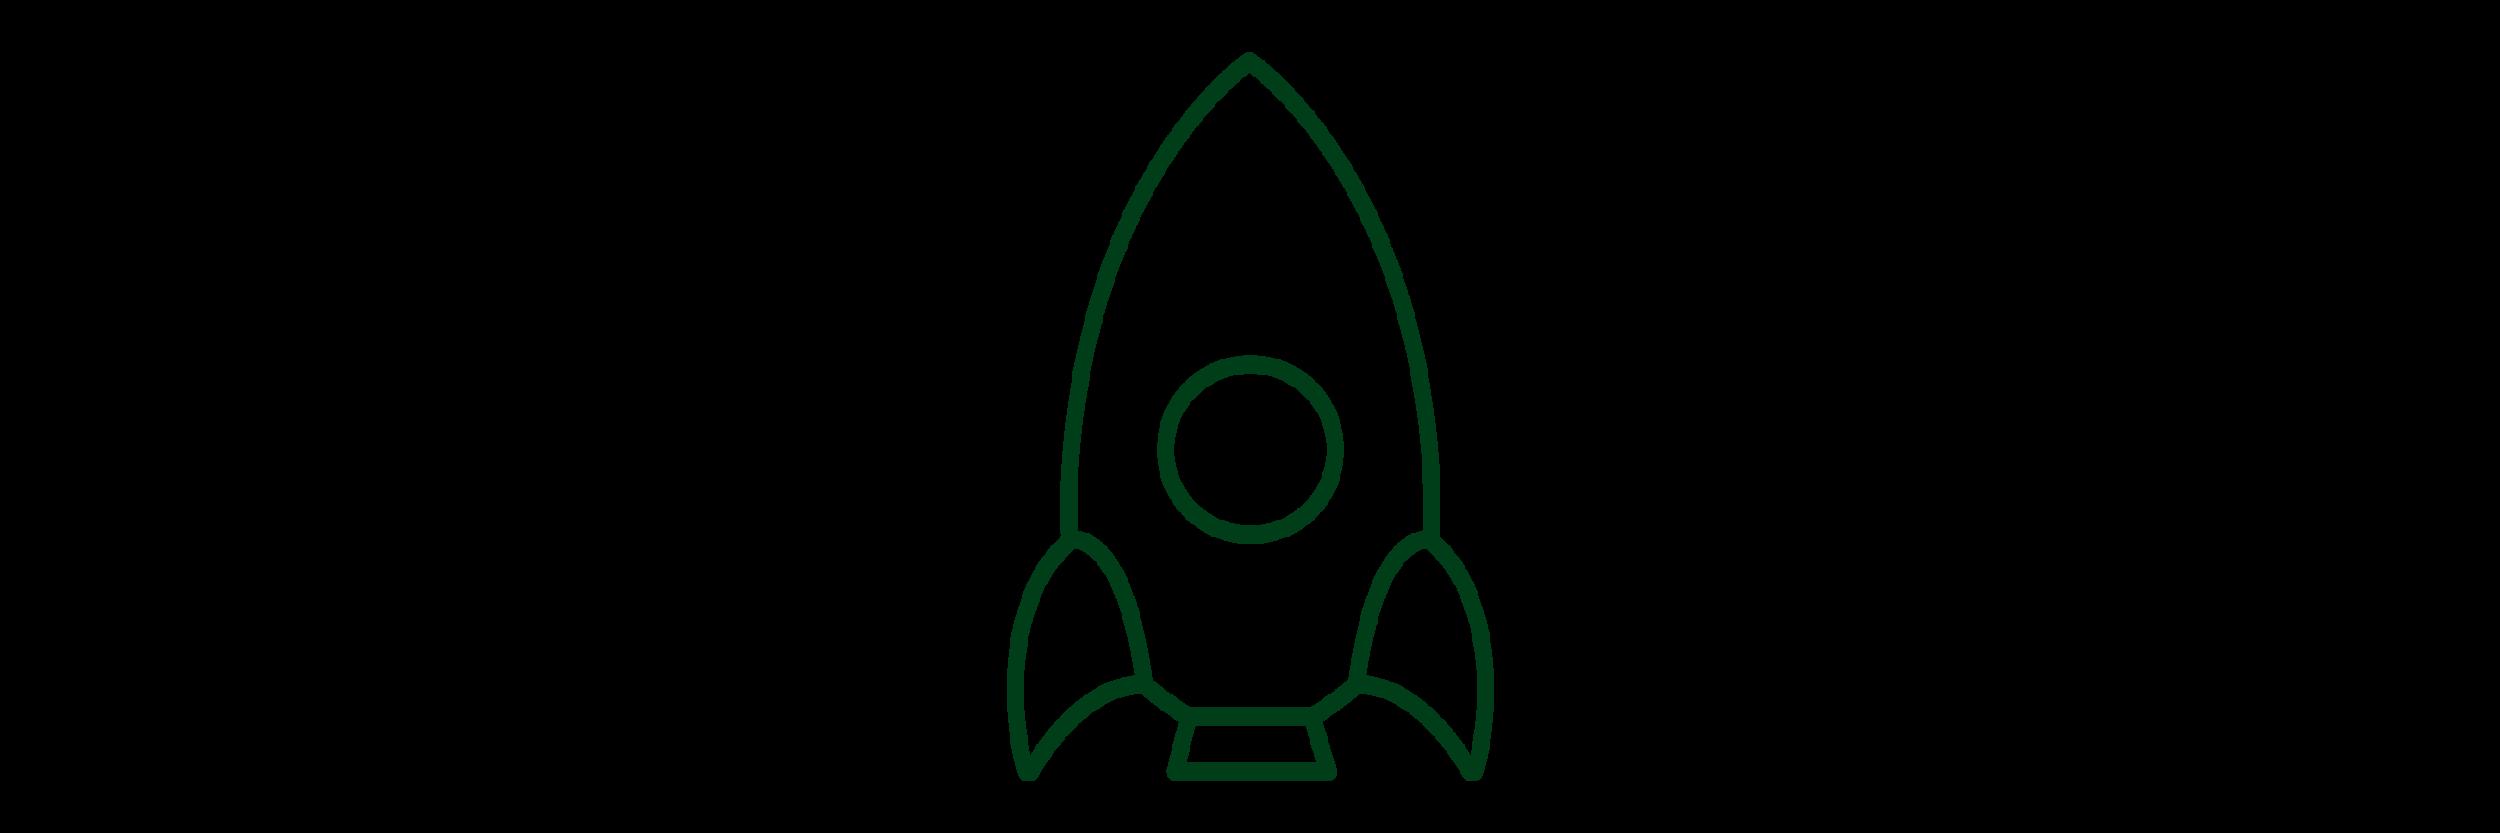 rocketicon.png